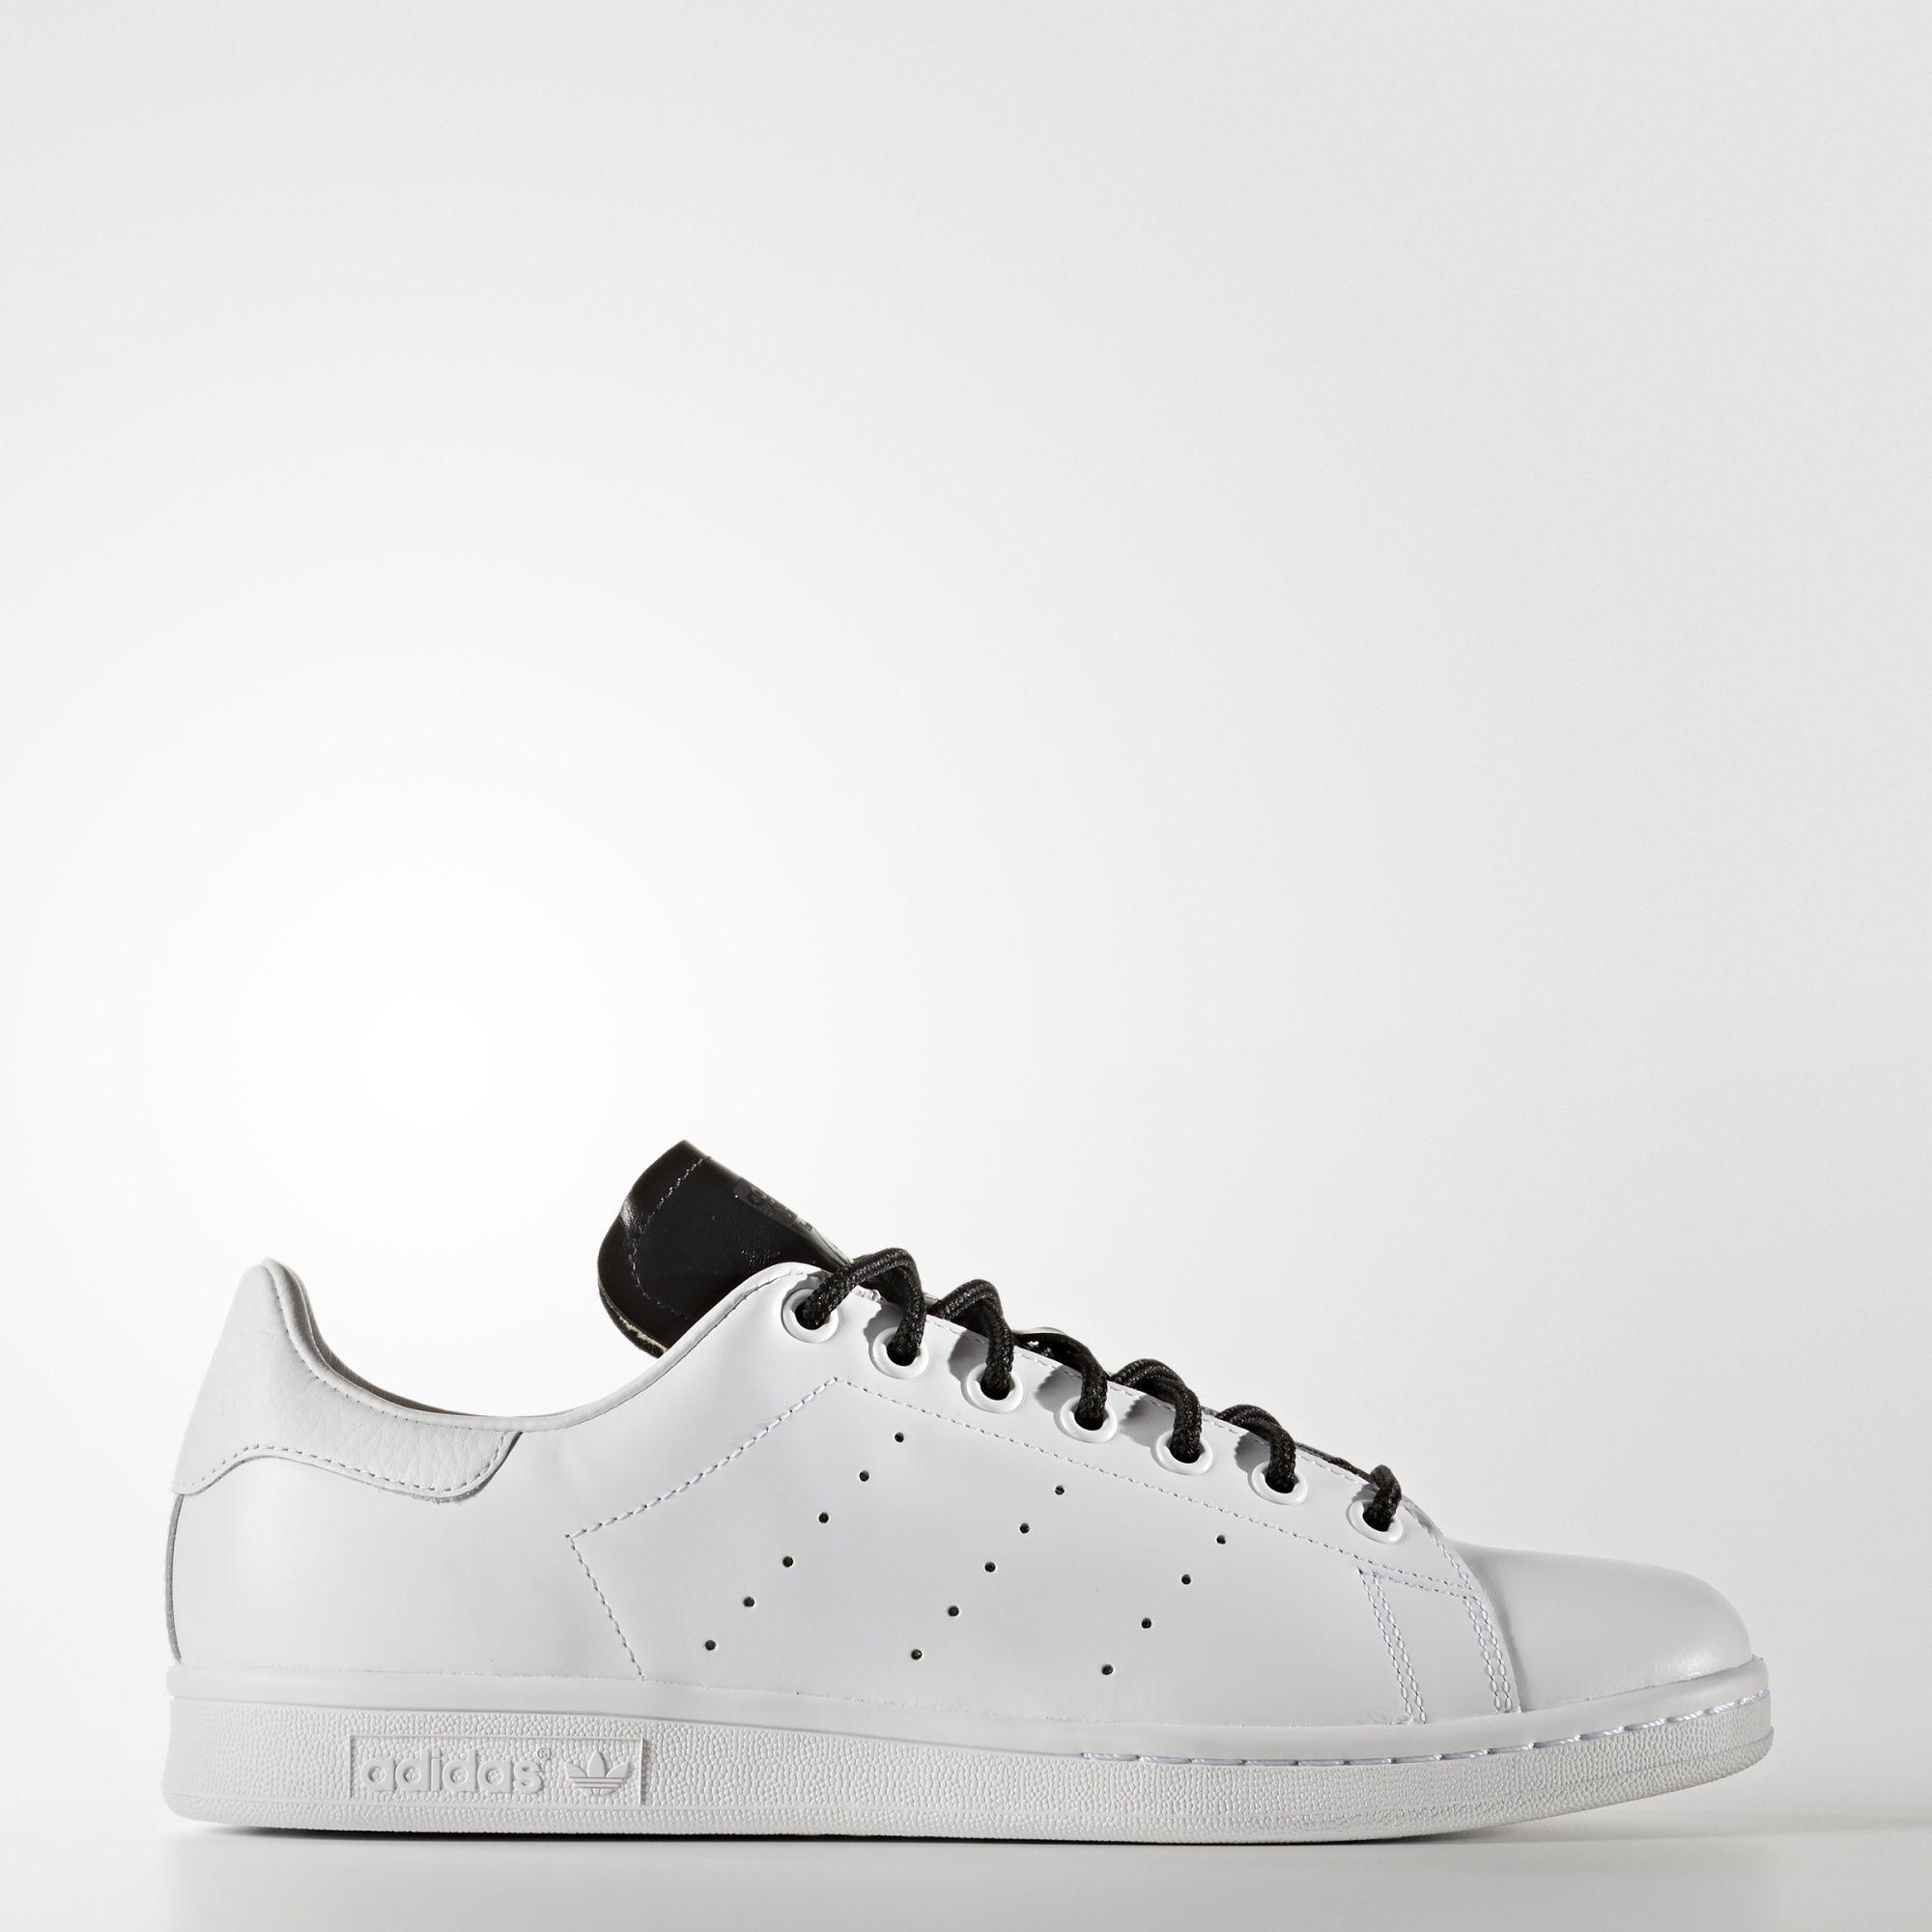 newest e64e7 eaffb adidas - Men's Stan Smith Shoes | Apparel | Stan smith shoes ...